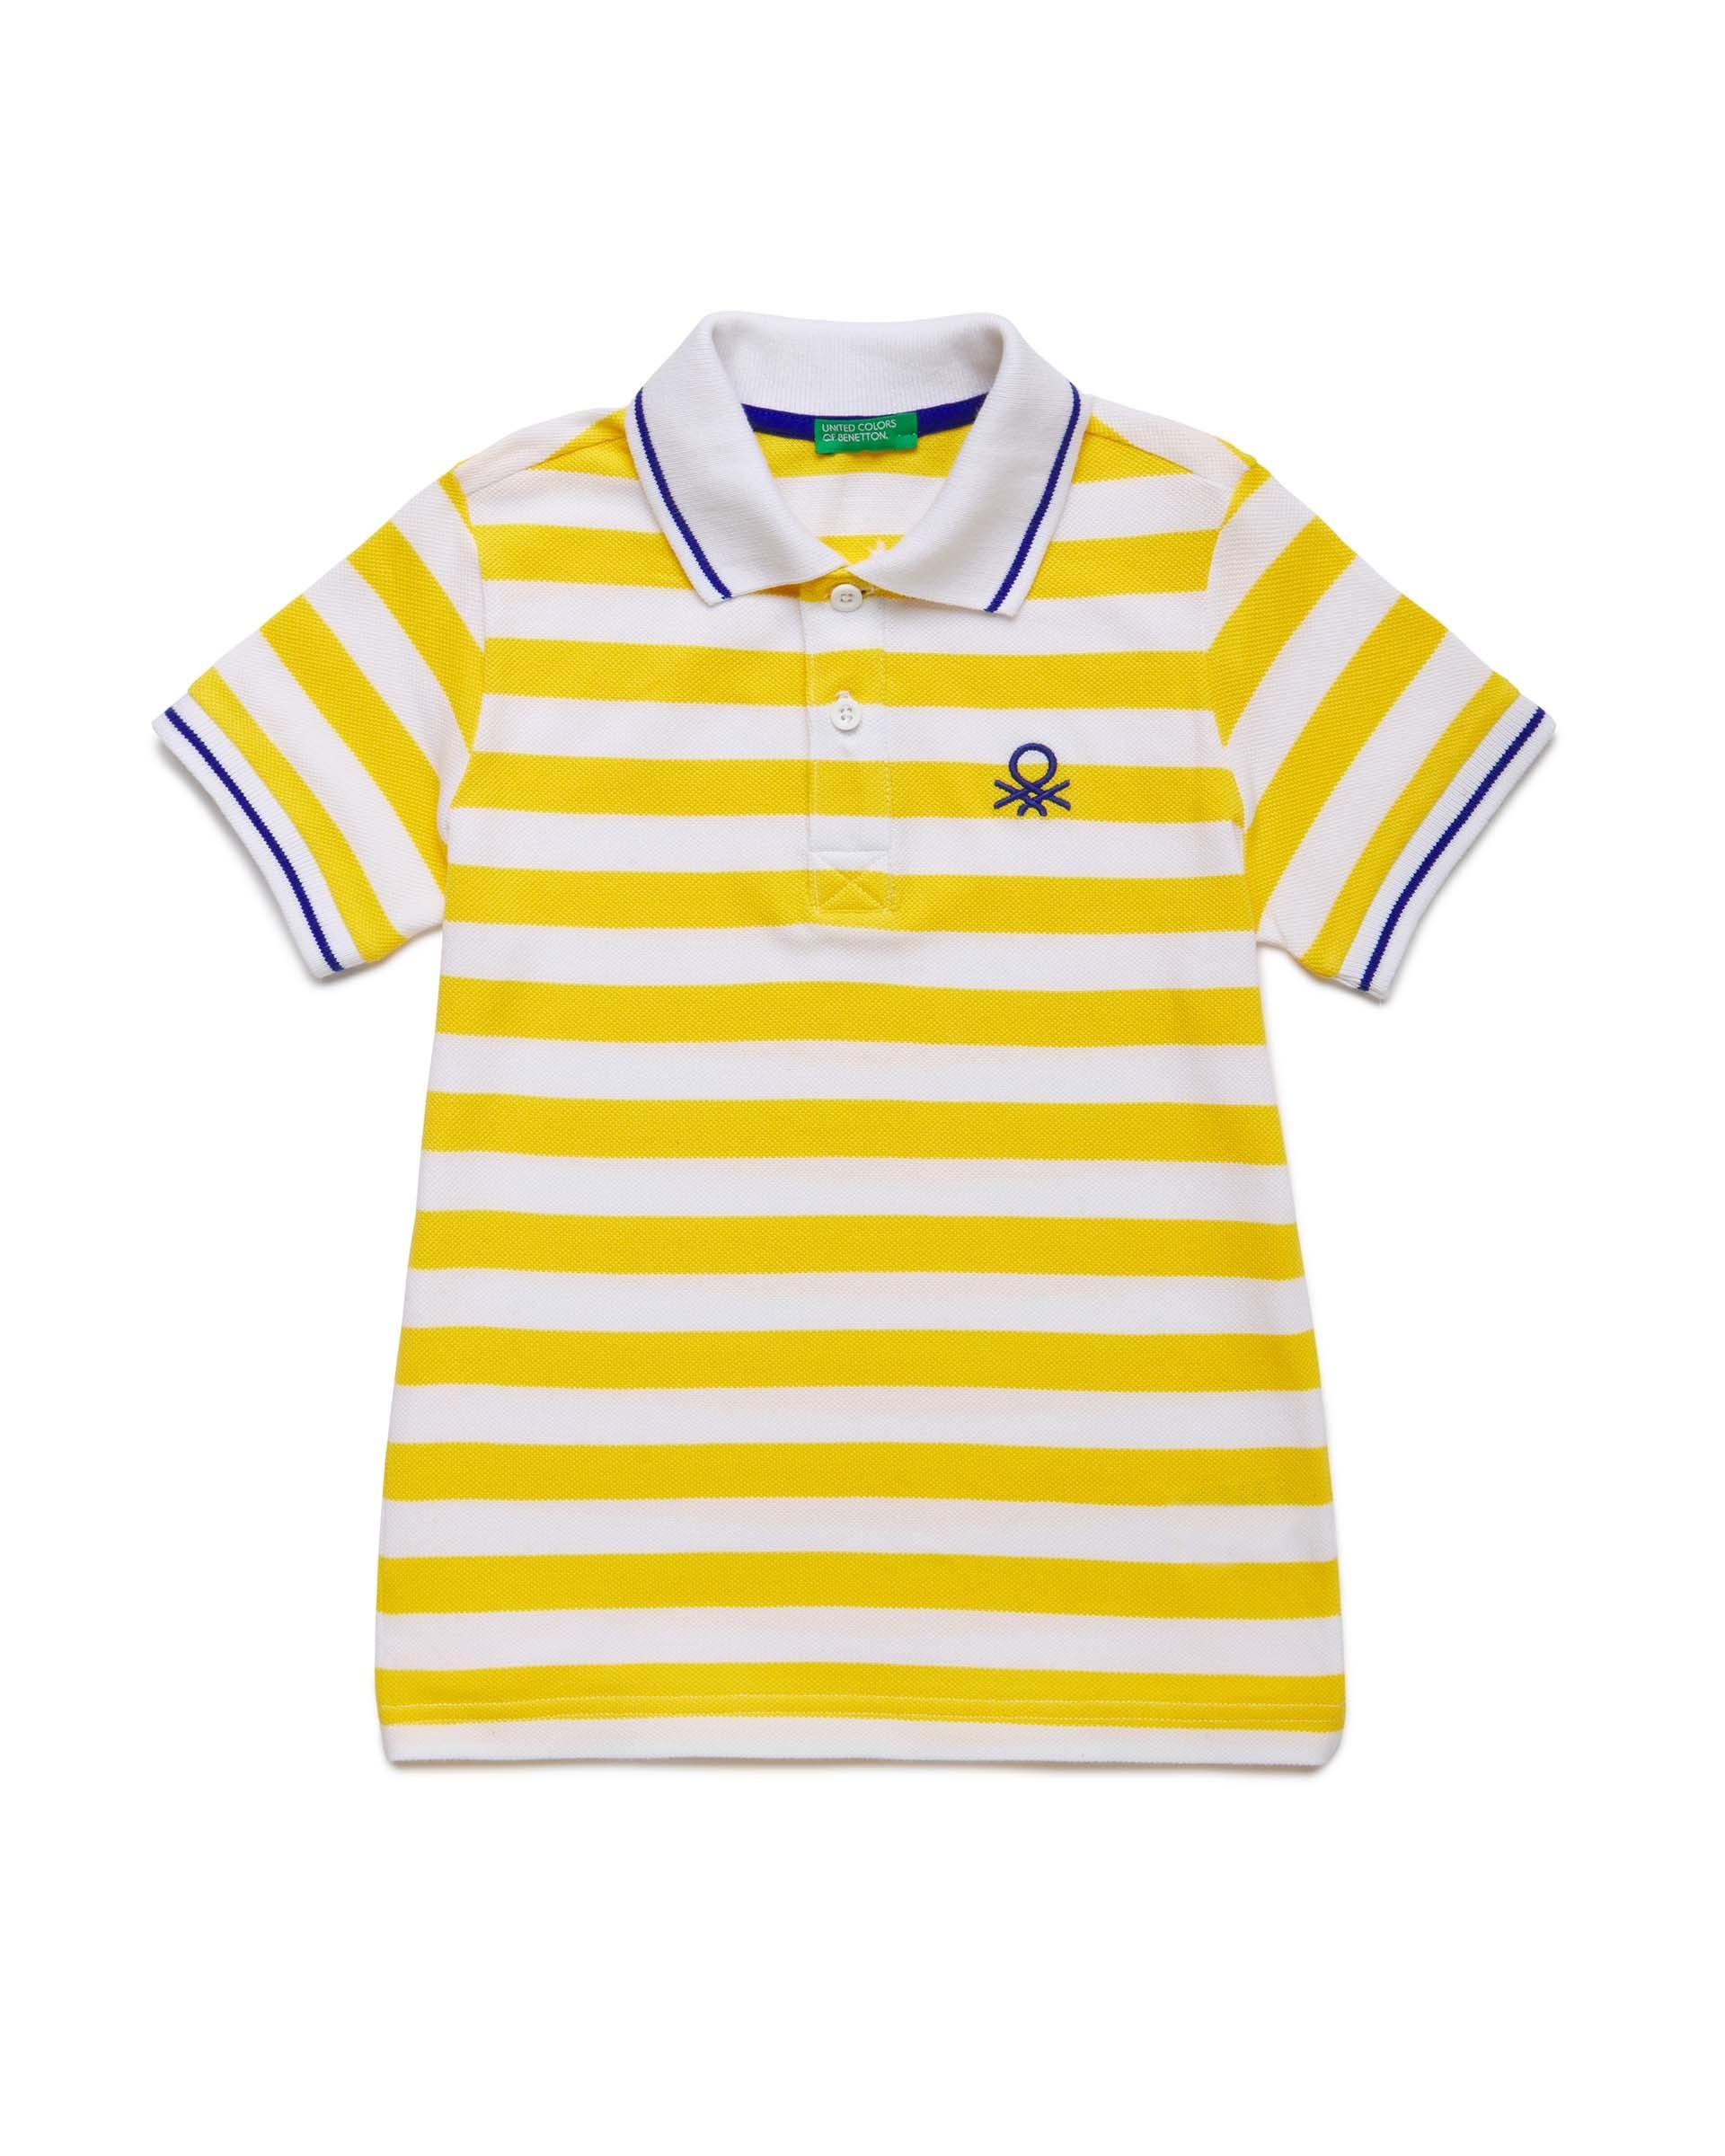 Купить 20P_3NQ7C3124_902, Поло-пике для мальчиков Benetton 3NQ7C3124_902 р-р 92, United Colors of Benetton, Кофточки, футболки для новорожденных